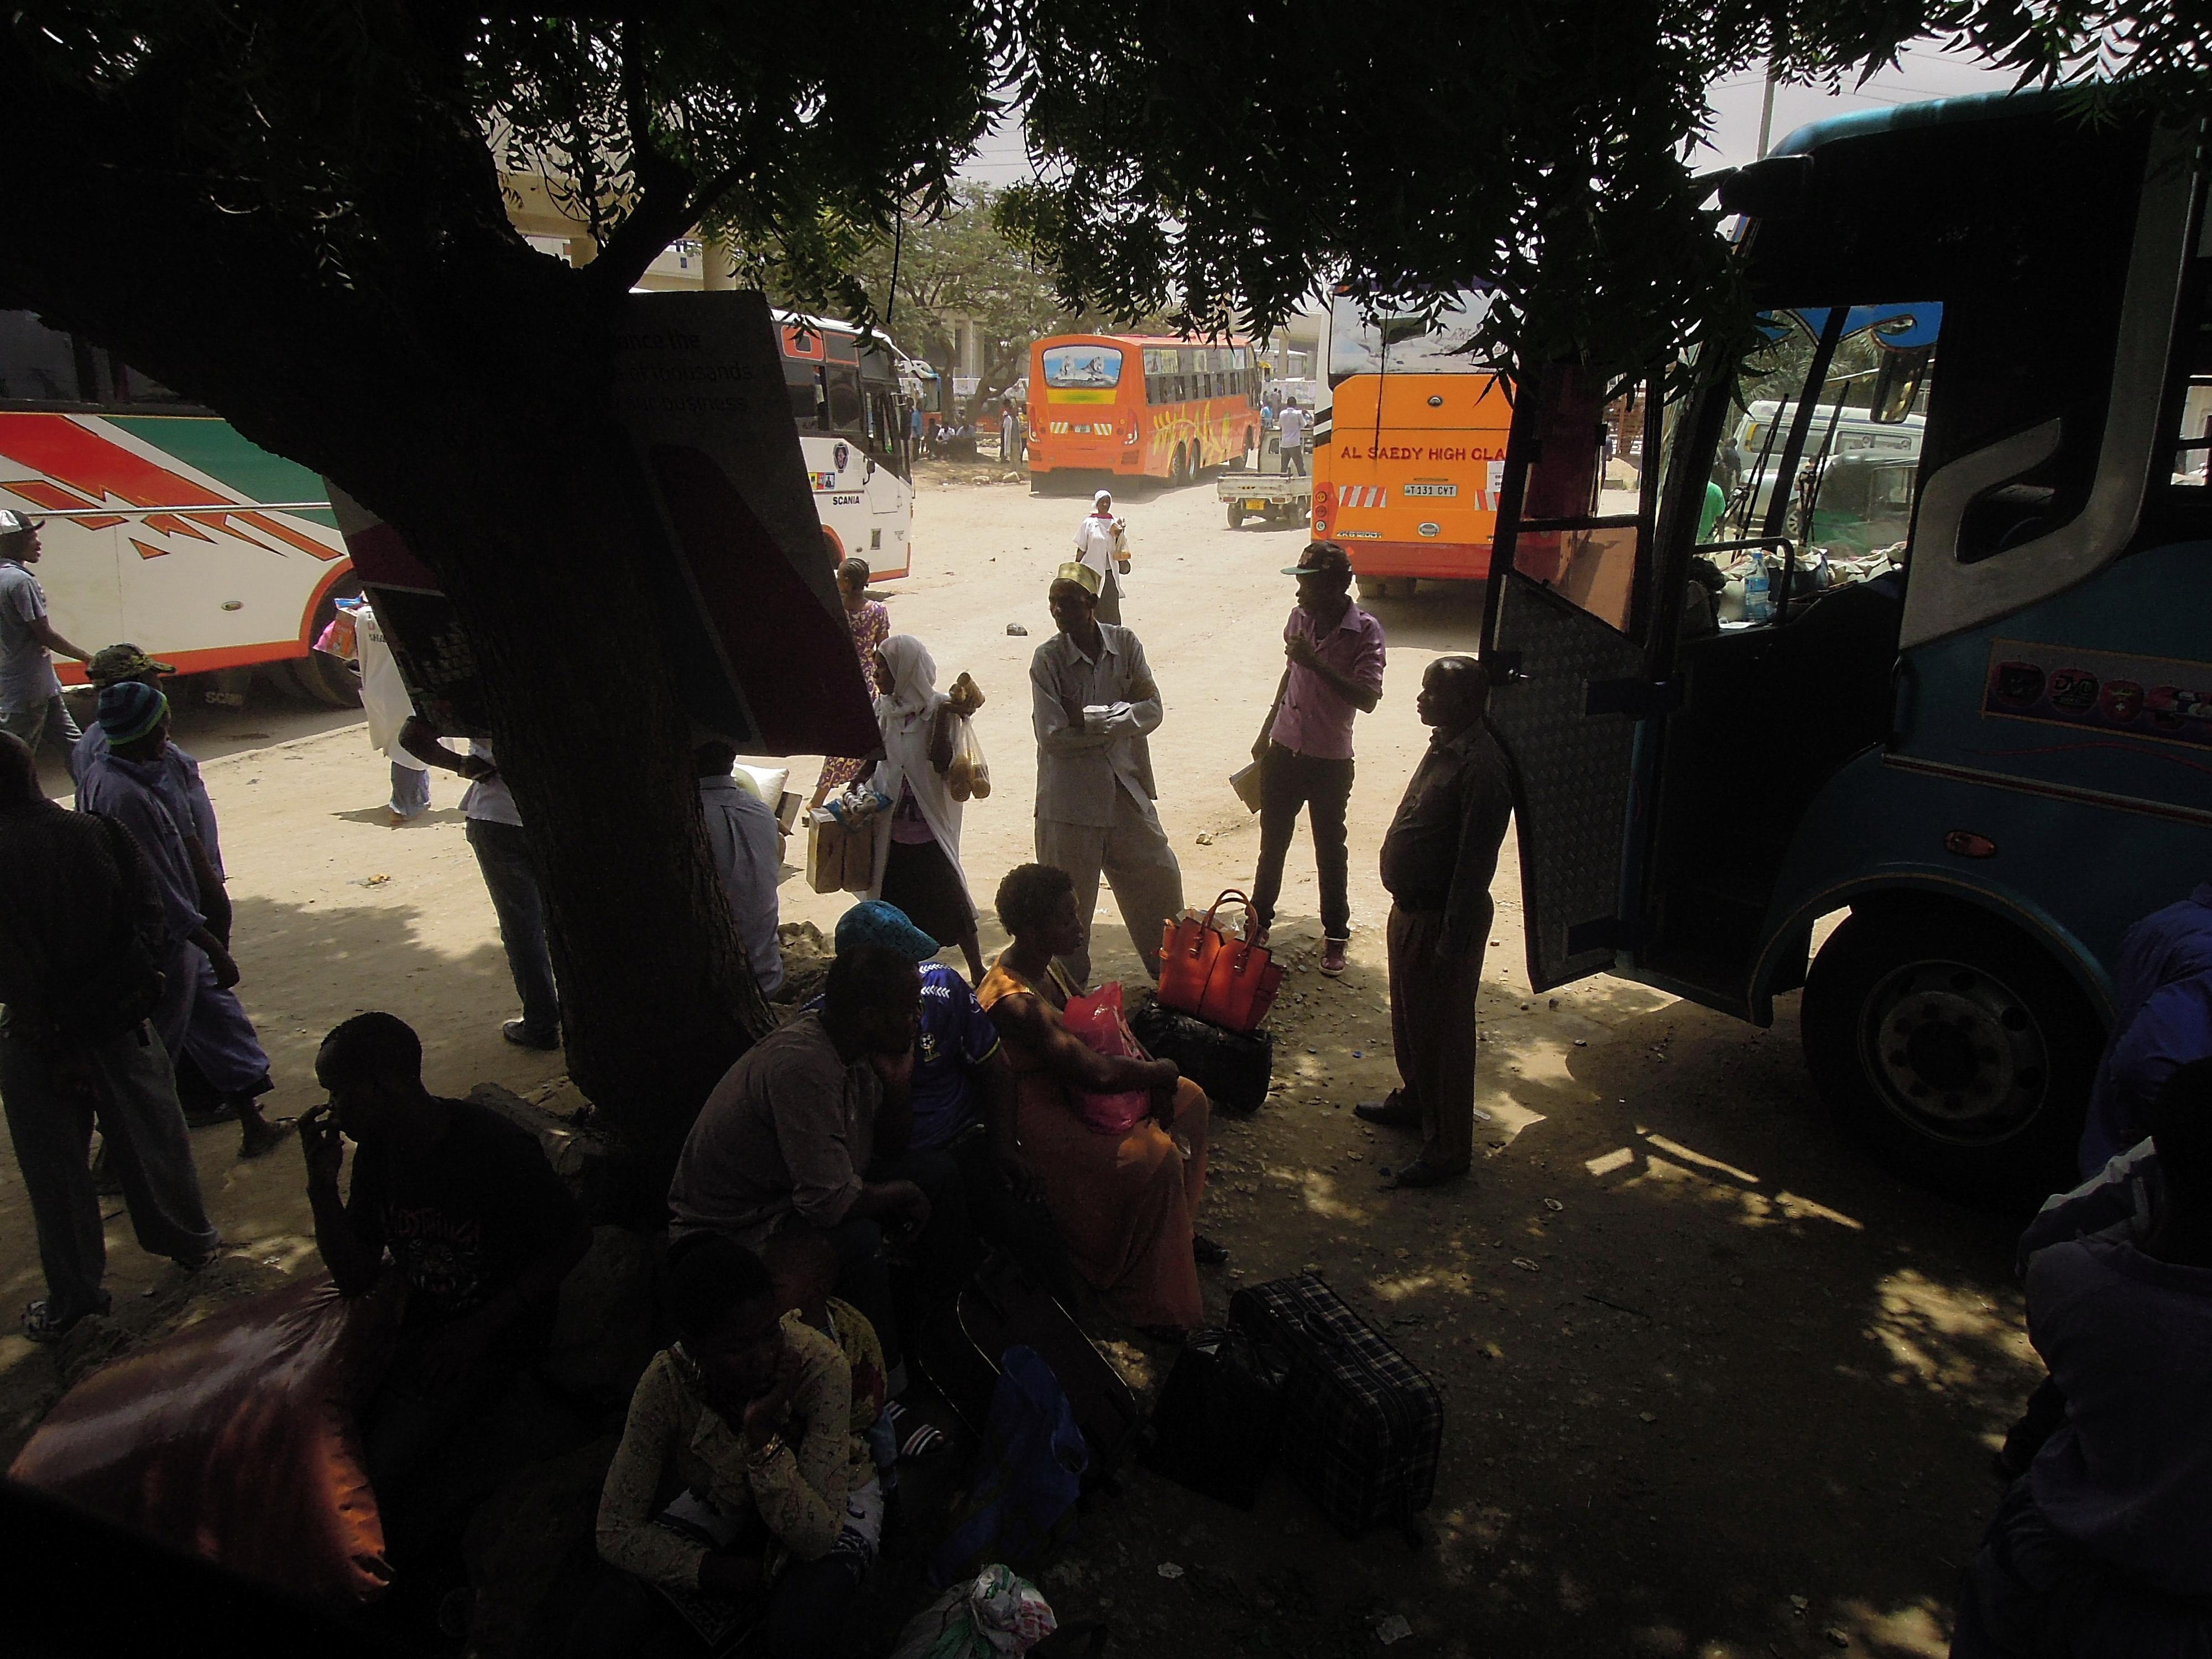 Czekając na autobus, stacja Ubongo w Dar Es Salaam, na której się o nas pobili, fot. A. Mielczarek